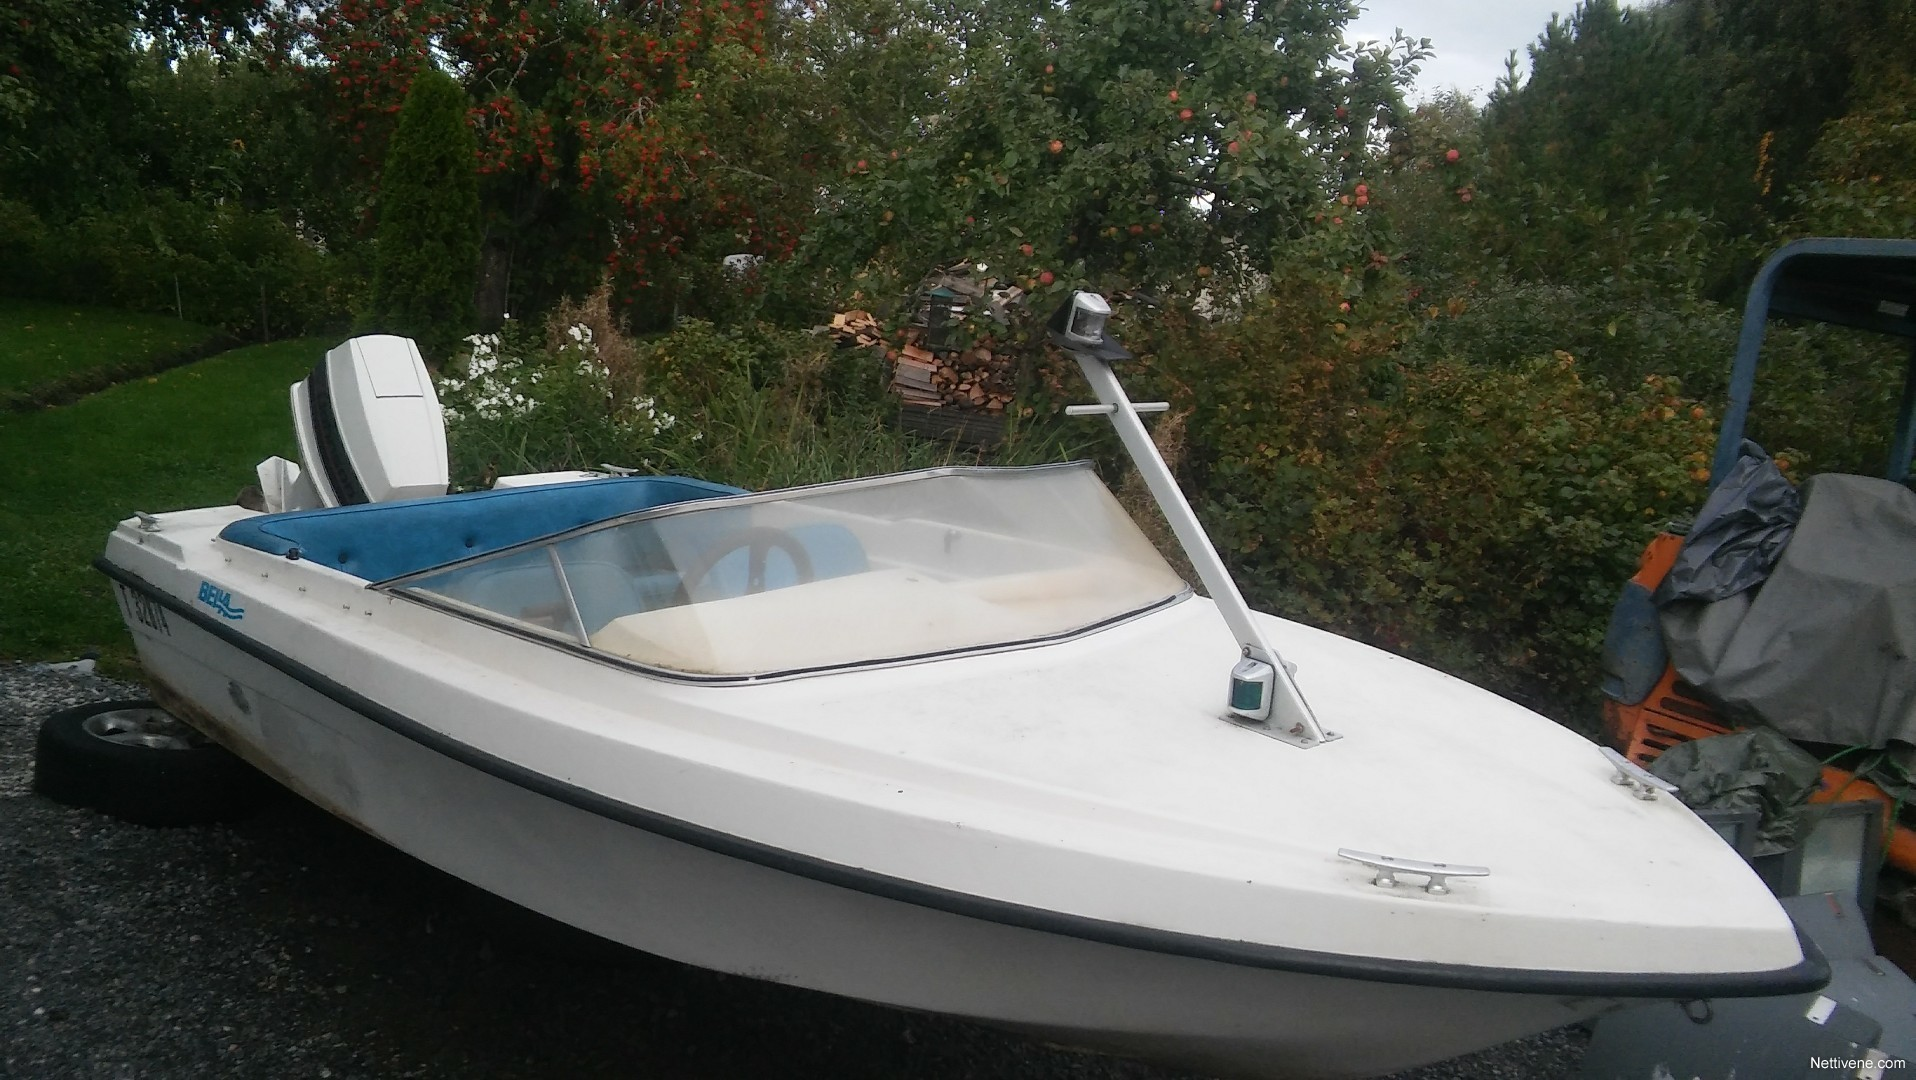 Vene Myydään